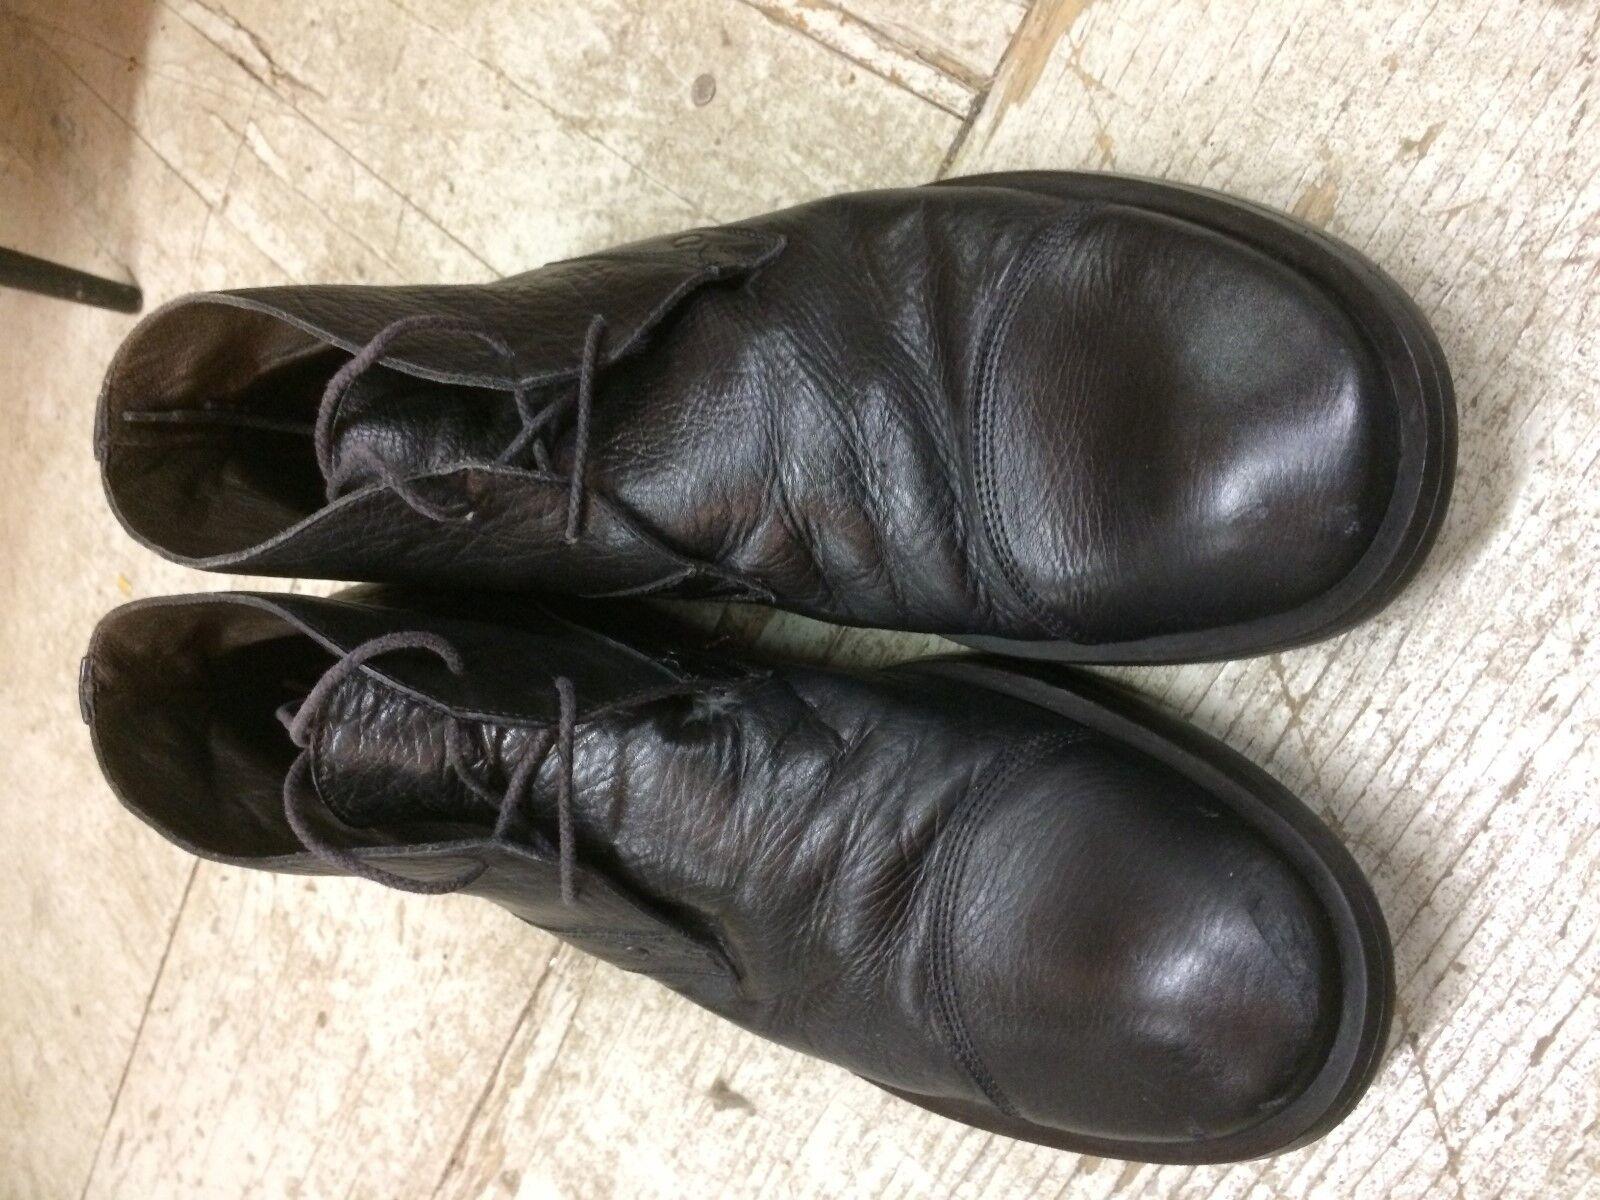 Paul pu italia - chukka chelsea 43 caviglia classici vestito Uomo stivali scarpe sz 43 chelsea 818ddd